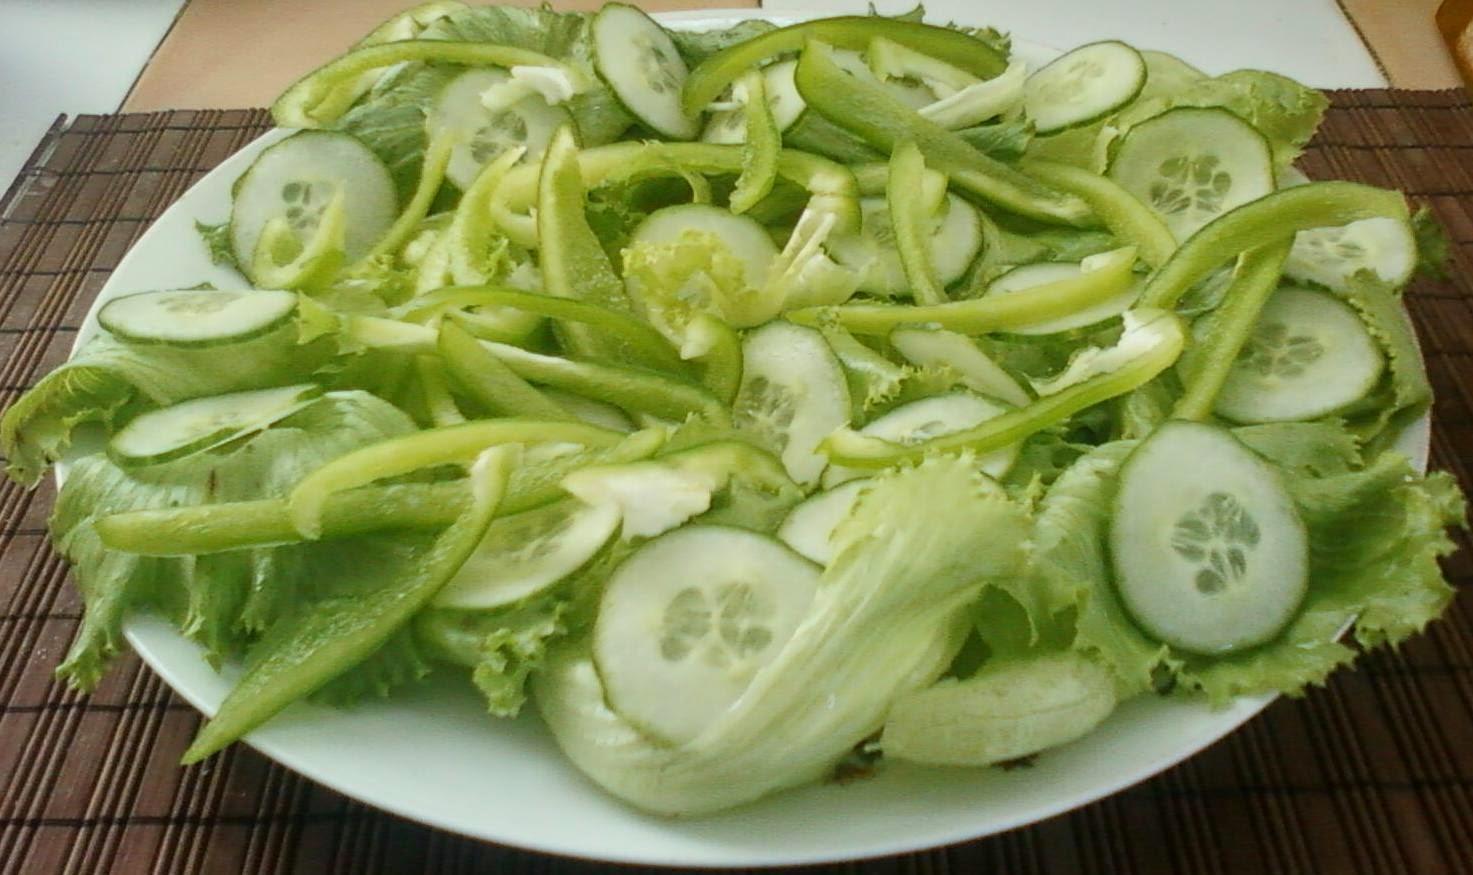 partager avec plaisir recettes de cuisine faciles et id es de d corations salade verte. Black Bedroom Furniture Sets. Home Design Ideas